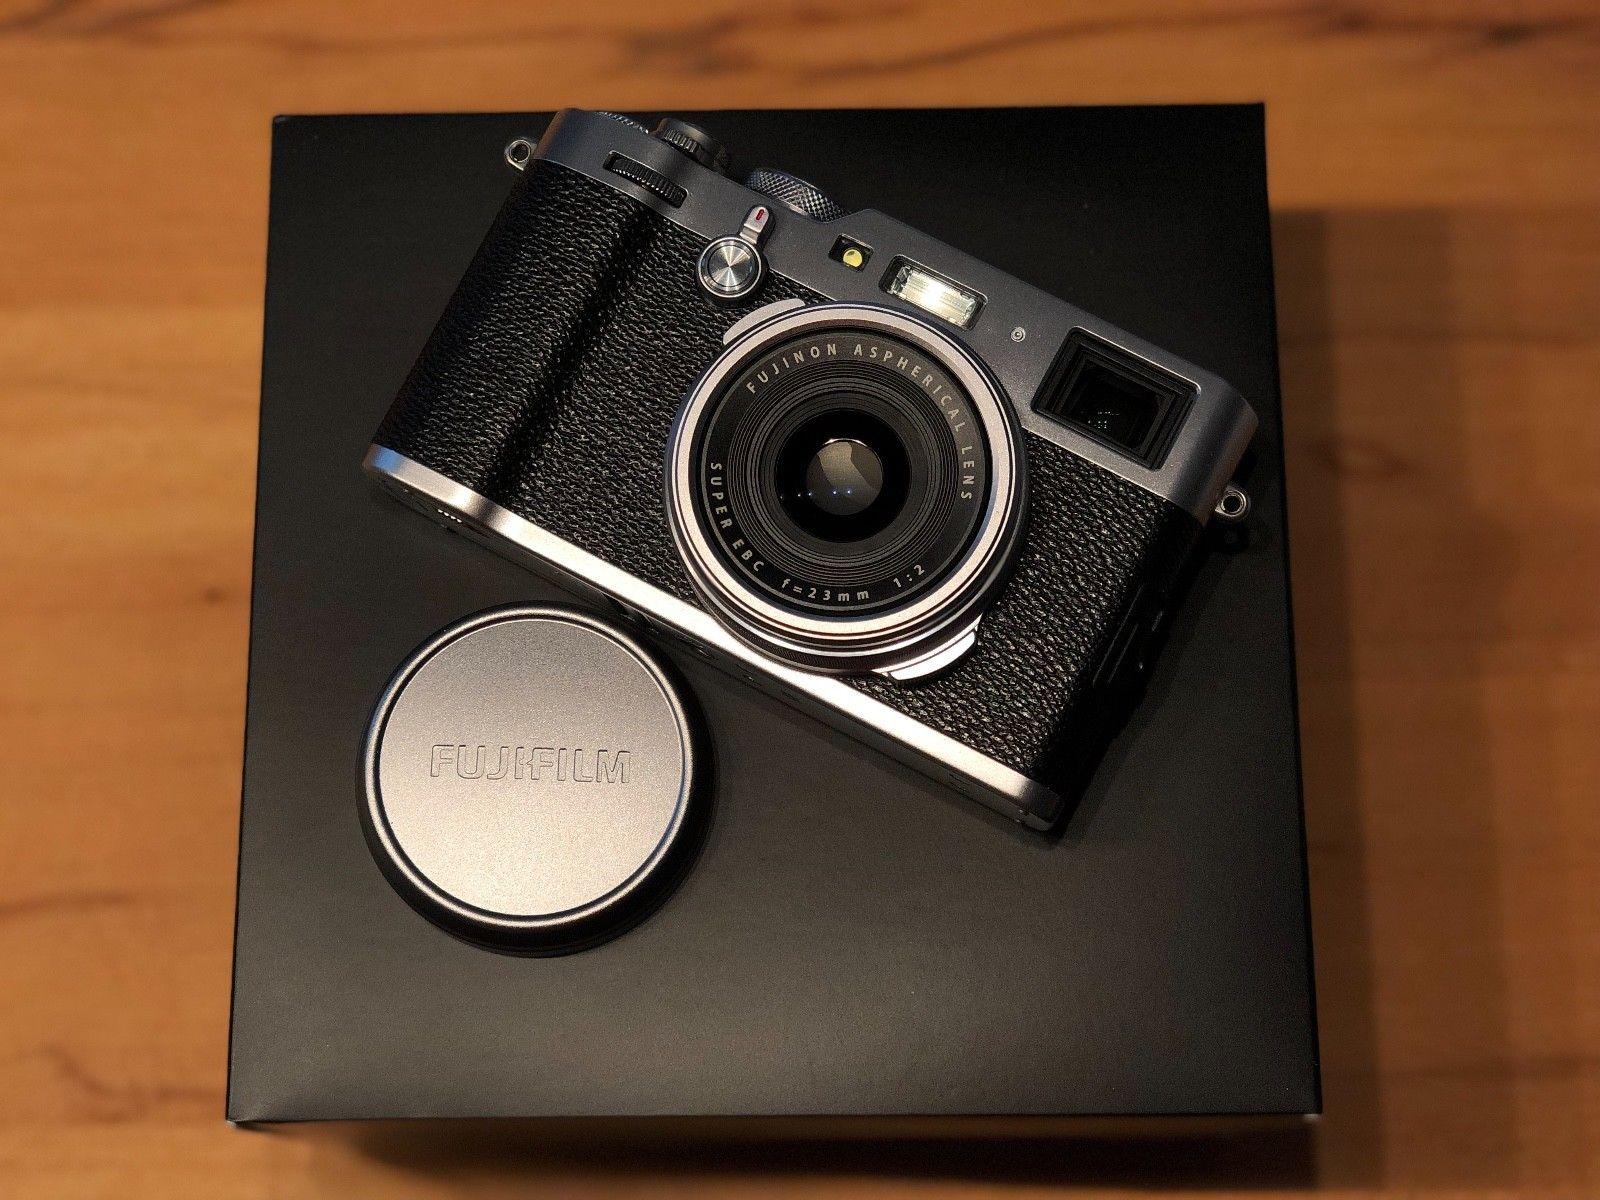 Fujifilm X100F in Top-Zustand, 1500 Auslösungen, gekauft 01/2017